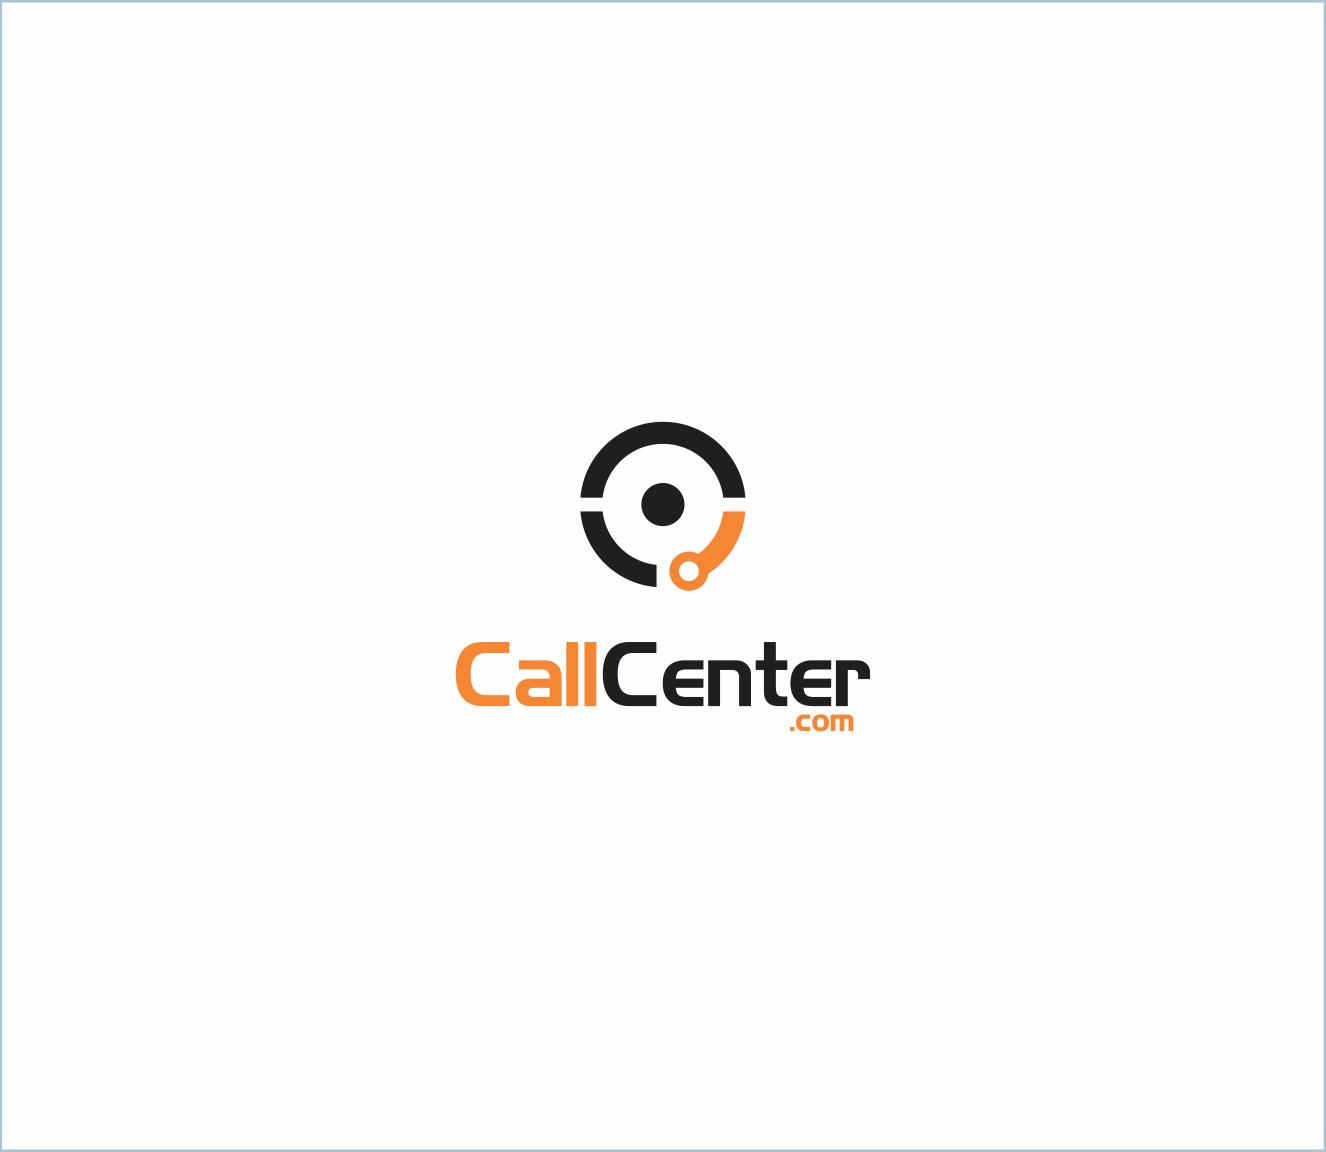 logo design contests captivating logo design for callcenter com design no 118 by abdlbadi hiretheworld logo design contests captivating logo